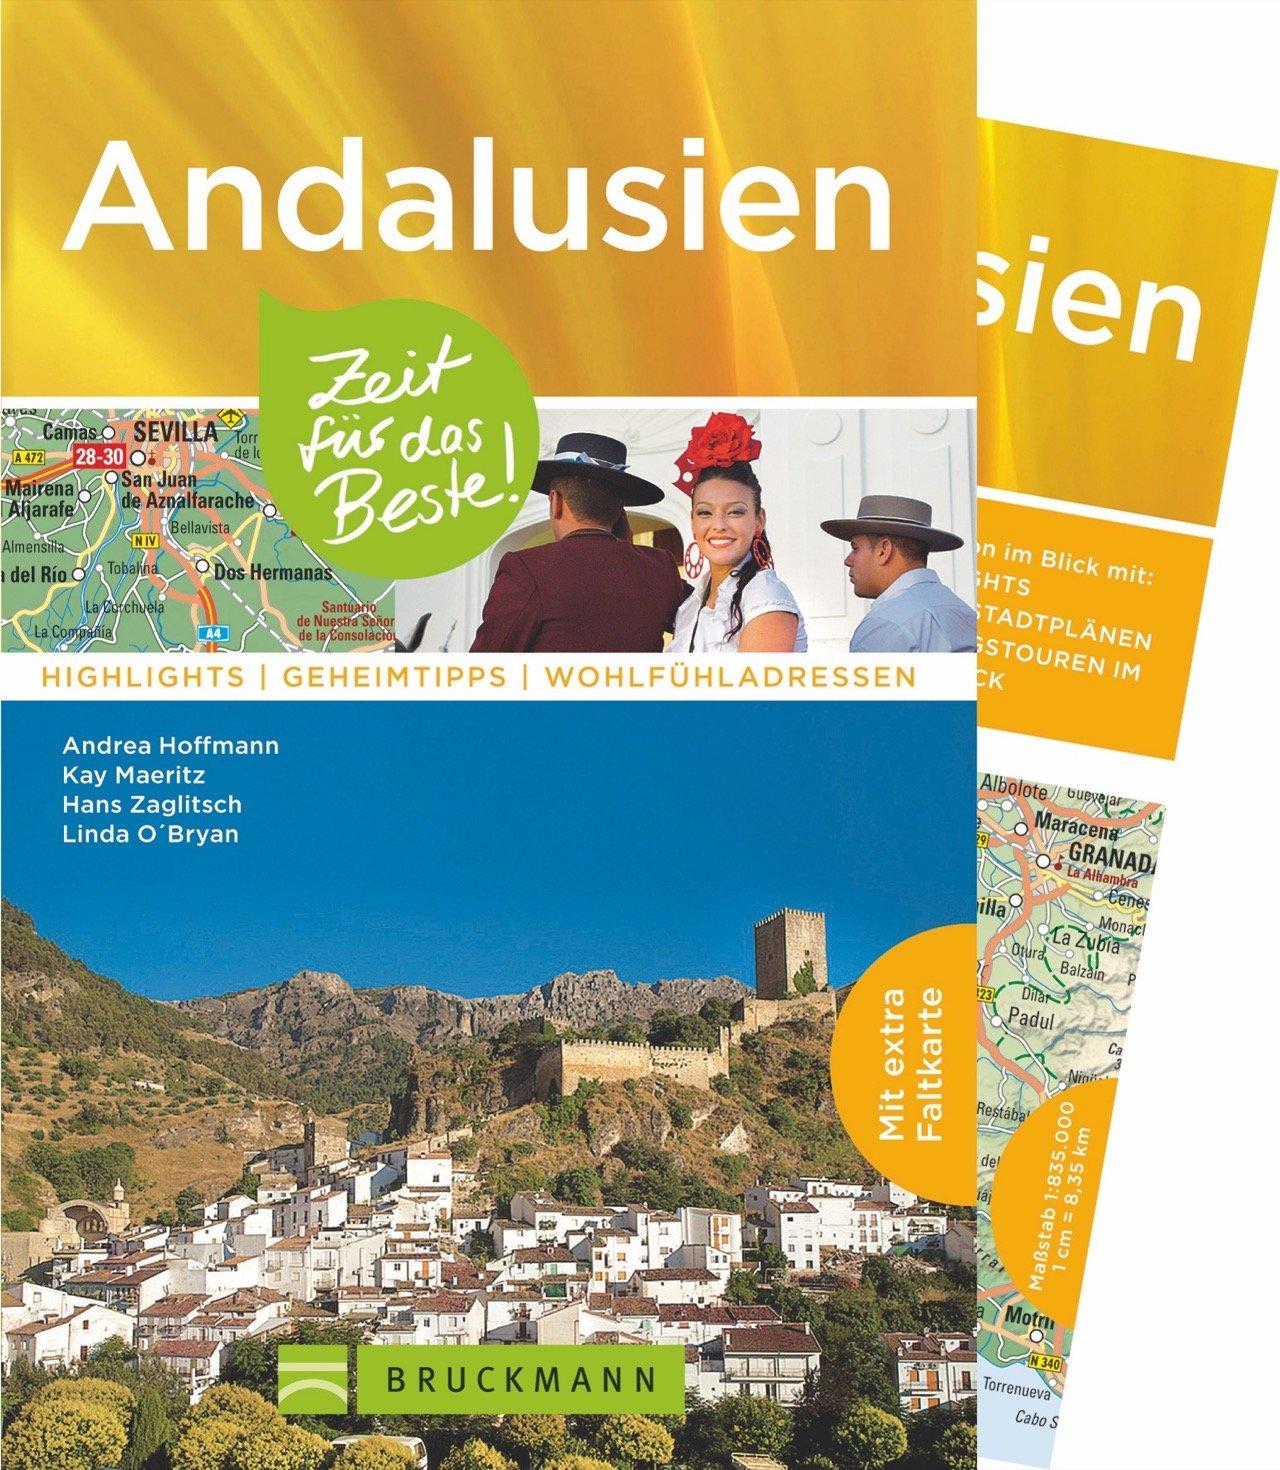 Bruckmann Reiseführer Andalusien: Zeit für das Beste. Highlights, Geheimtipps, Wohlfühladressen. Inklusive Faltkarte zum Herausnehmen.